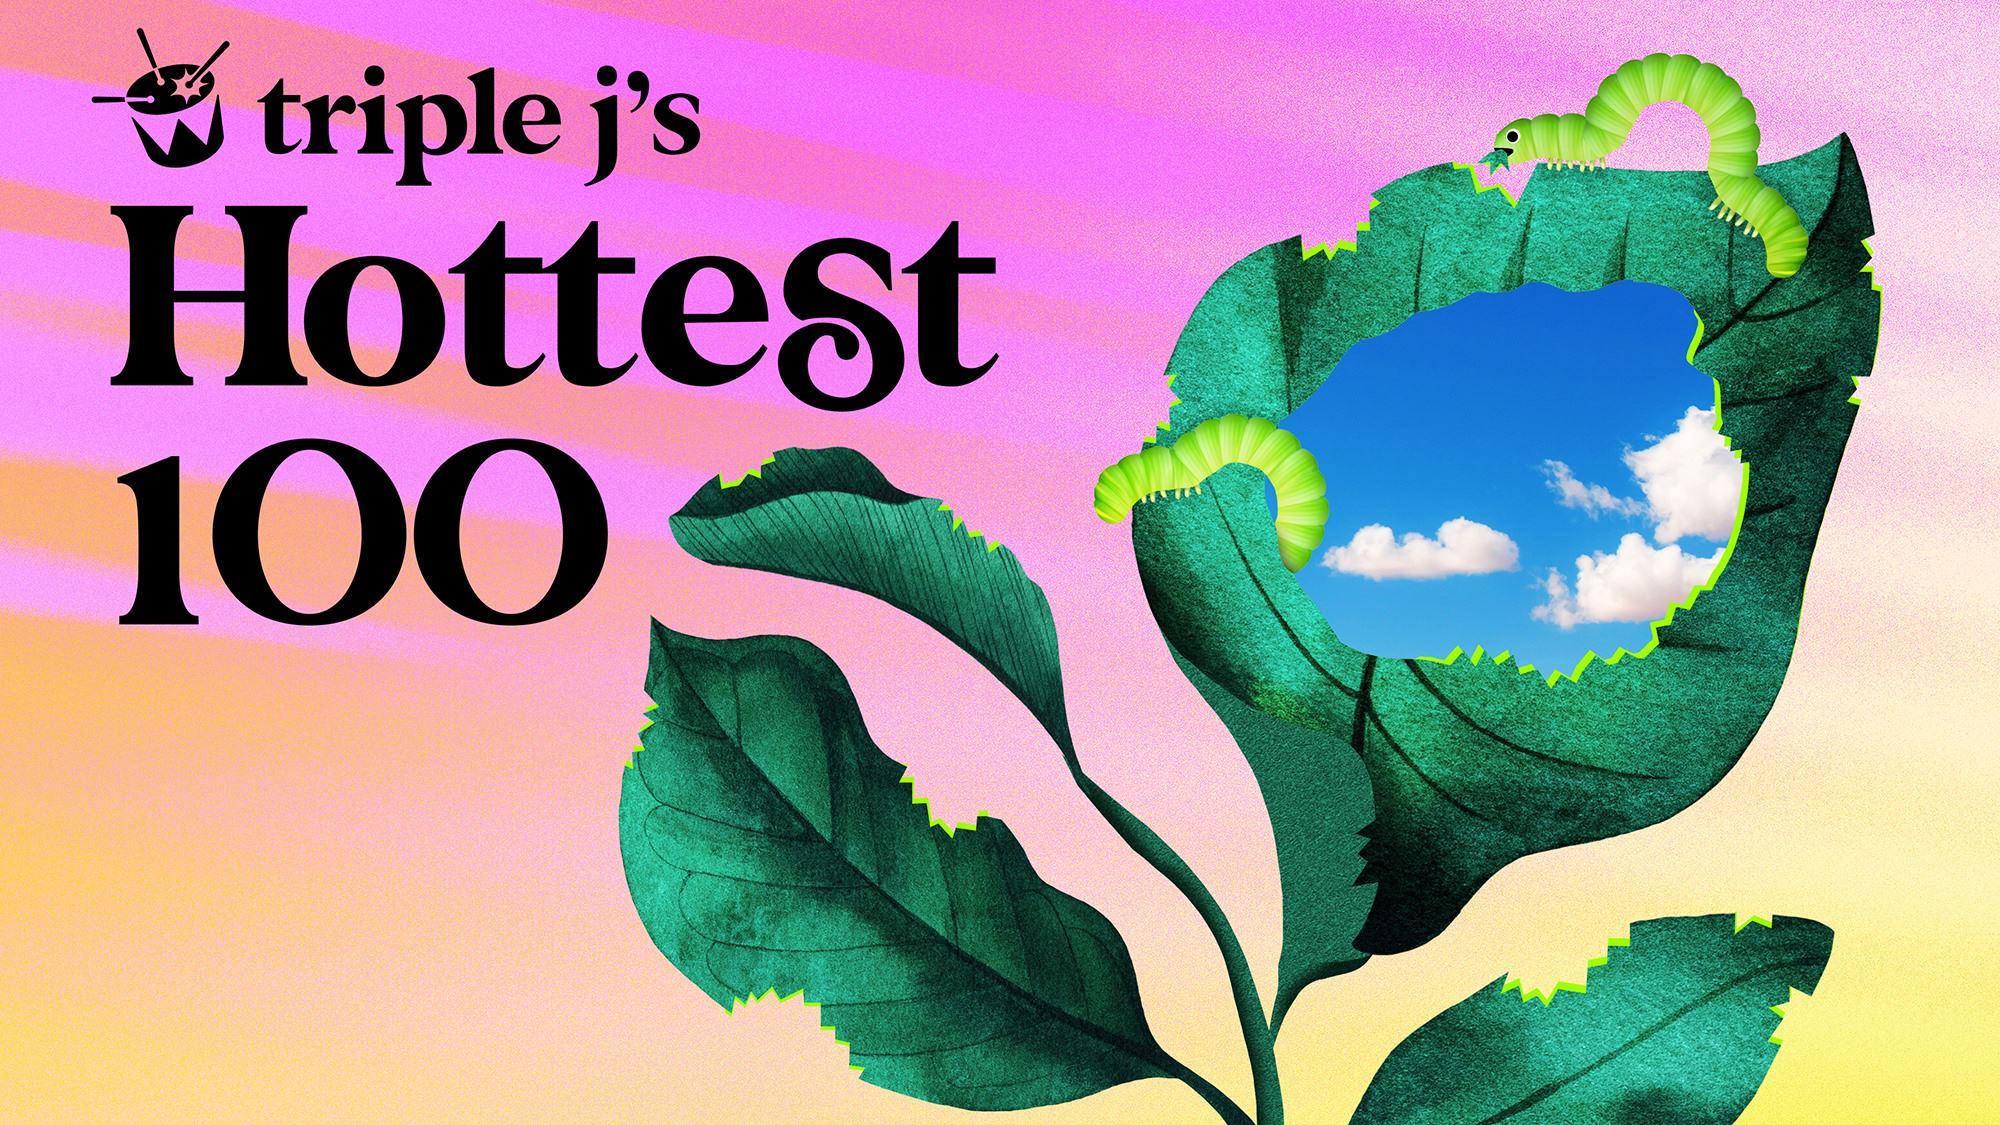 Triple J Hottest 100